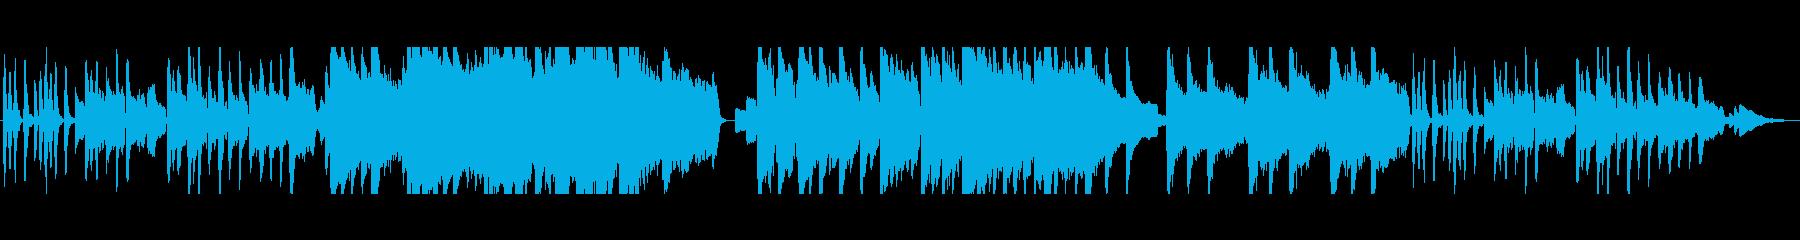 ファンタジーの街マップBGMの再生済みの波形